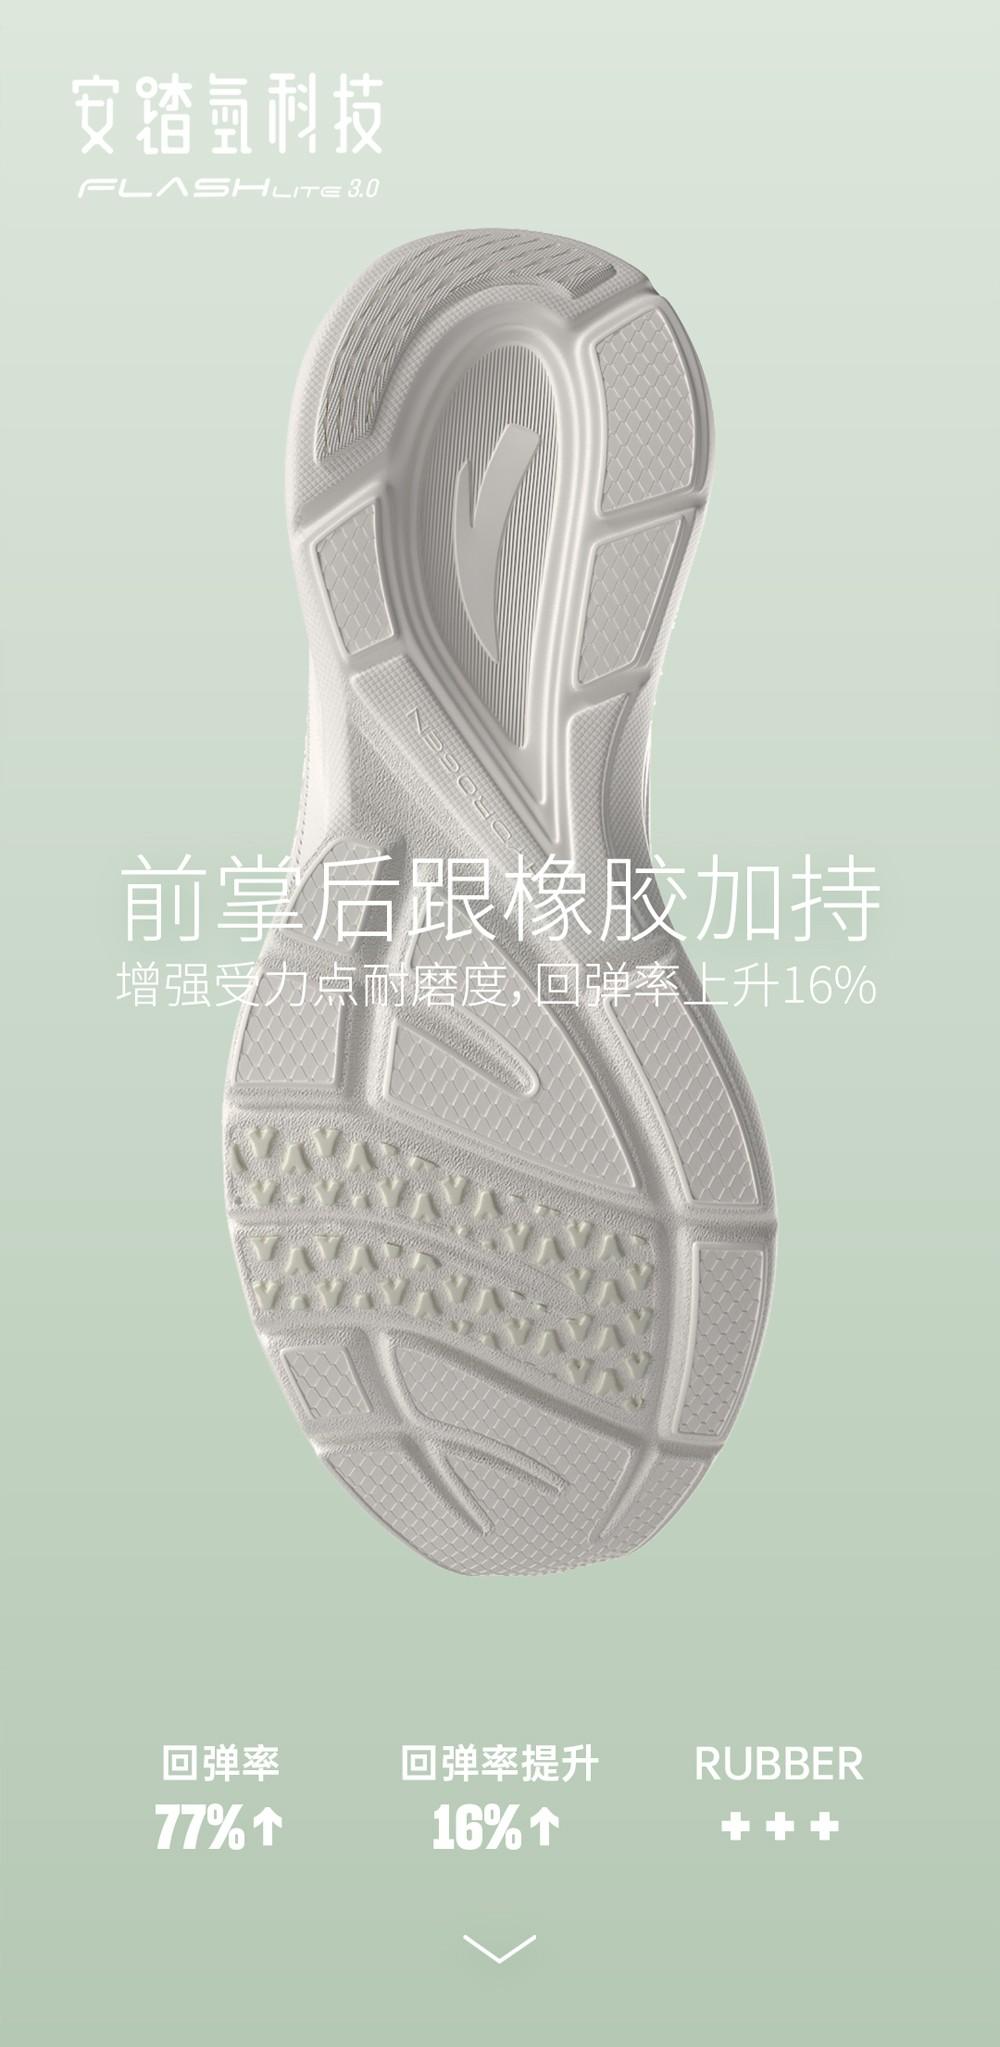 安踏,发售  单只不到 100g!创世界纪录!安踏全新超轻跑鞋来了!